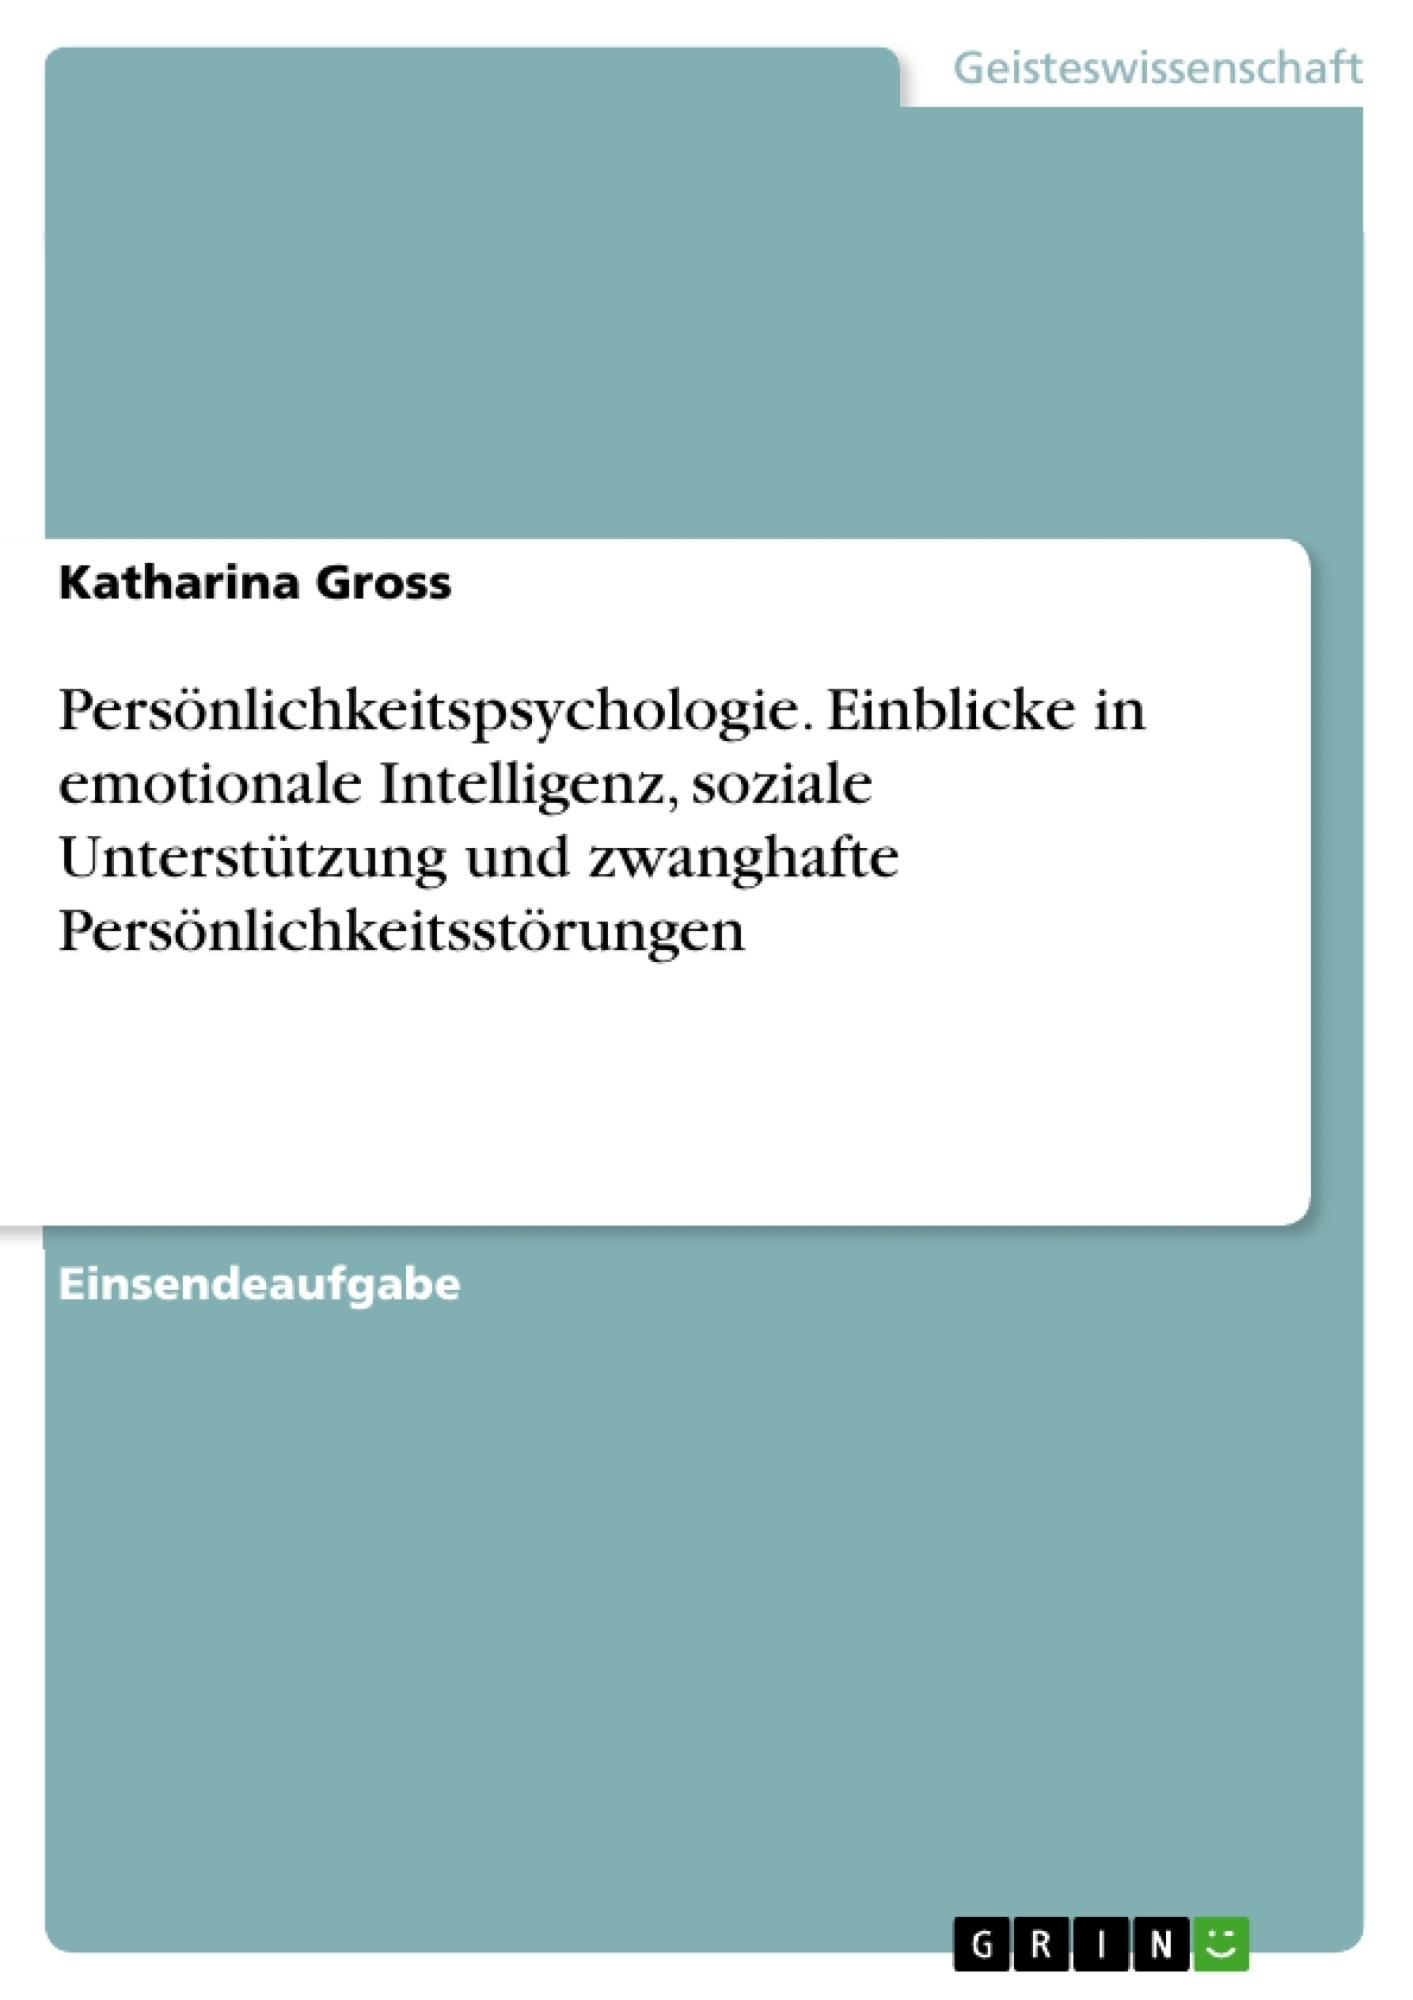 Titel: Persönlichkeitspsychologie. Einblicke in emotionale Intelligenz, soziale Unterstützung und zwanghafte Persönlichkeitsstörungen